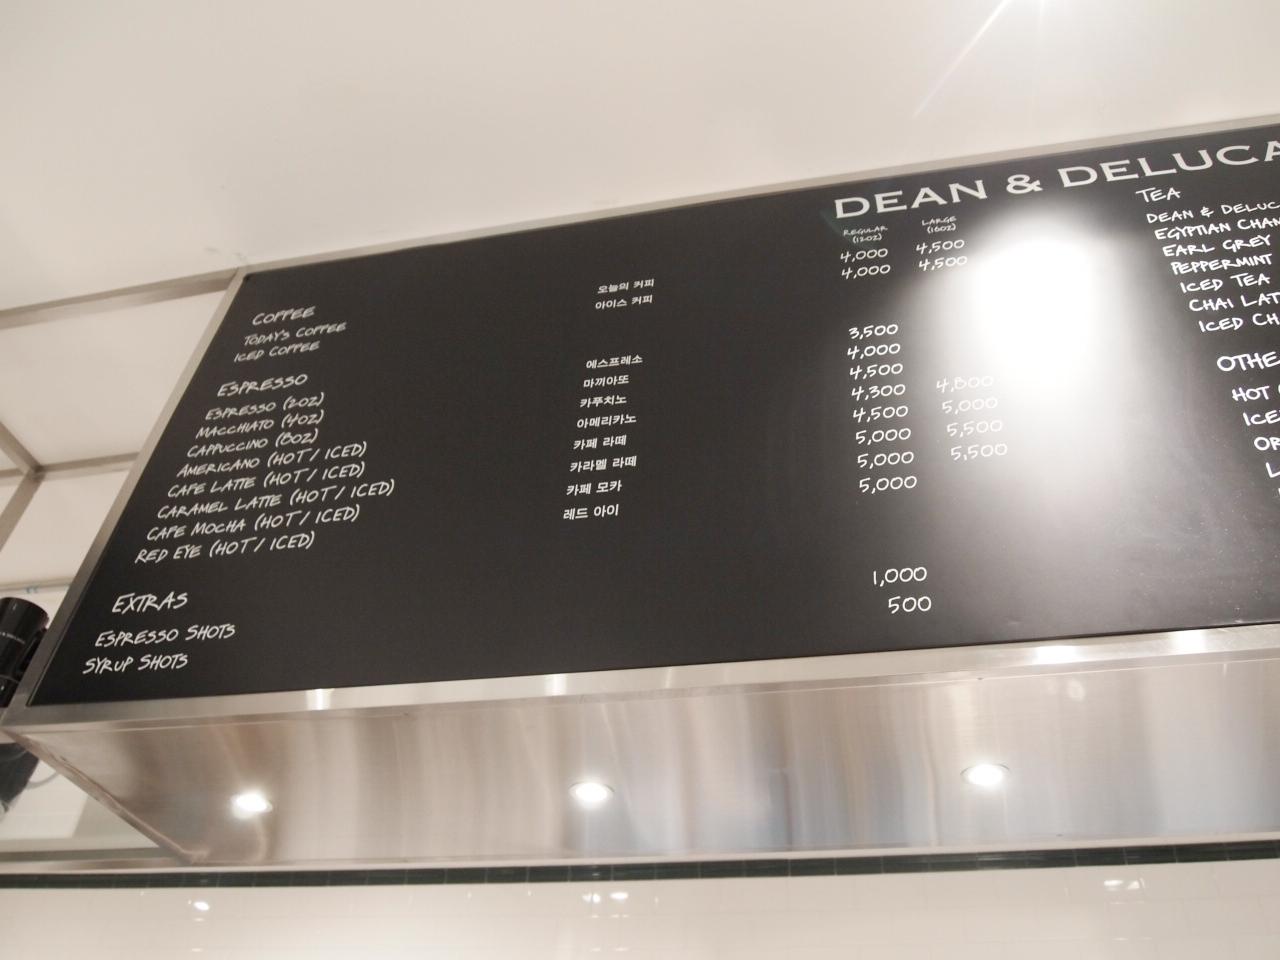 죽전 신세계/딘앤델루카베이커리.DEAN&DELUCA.